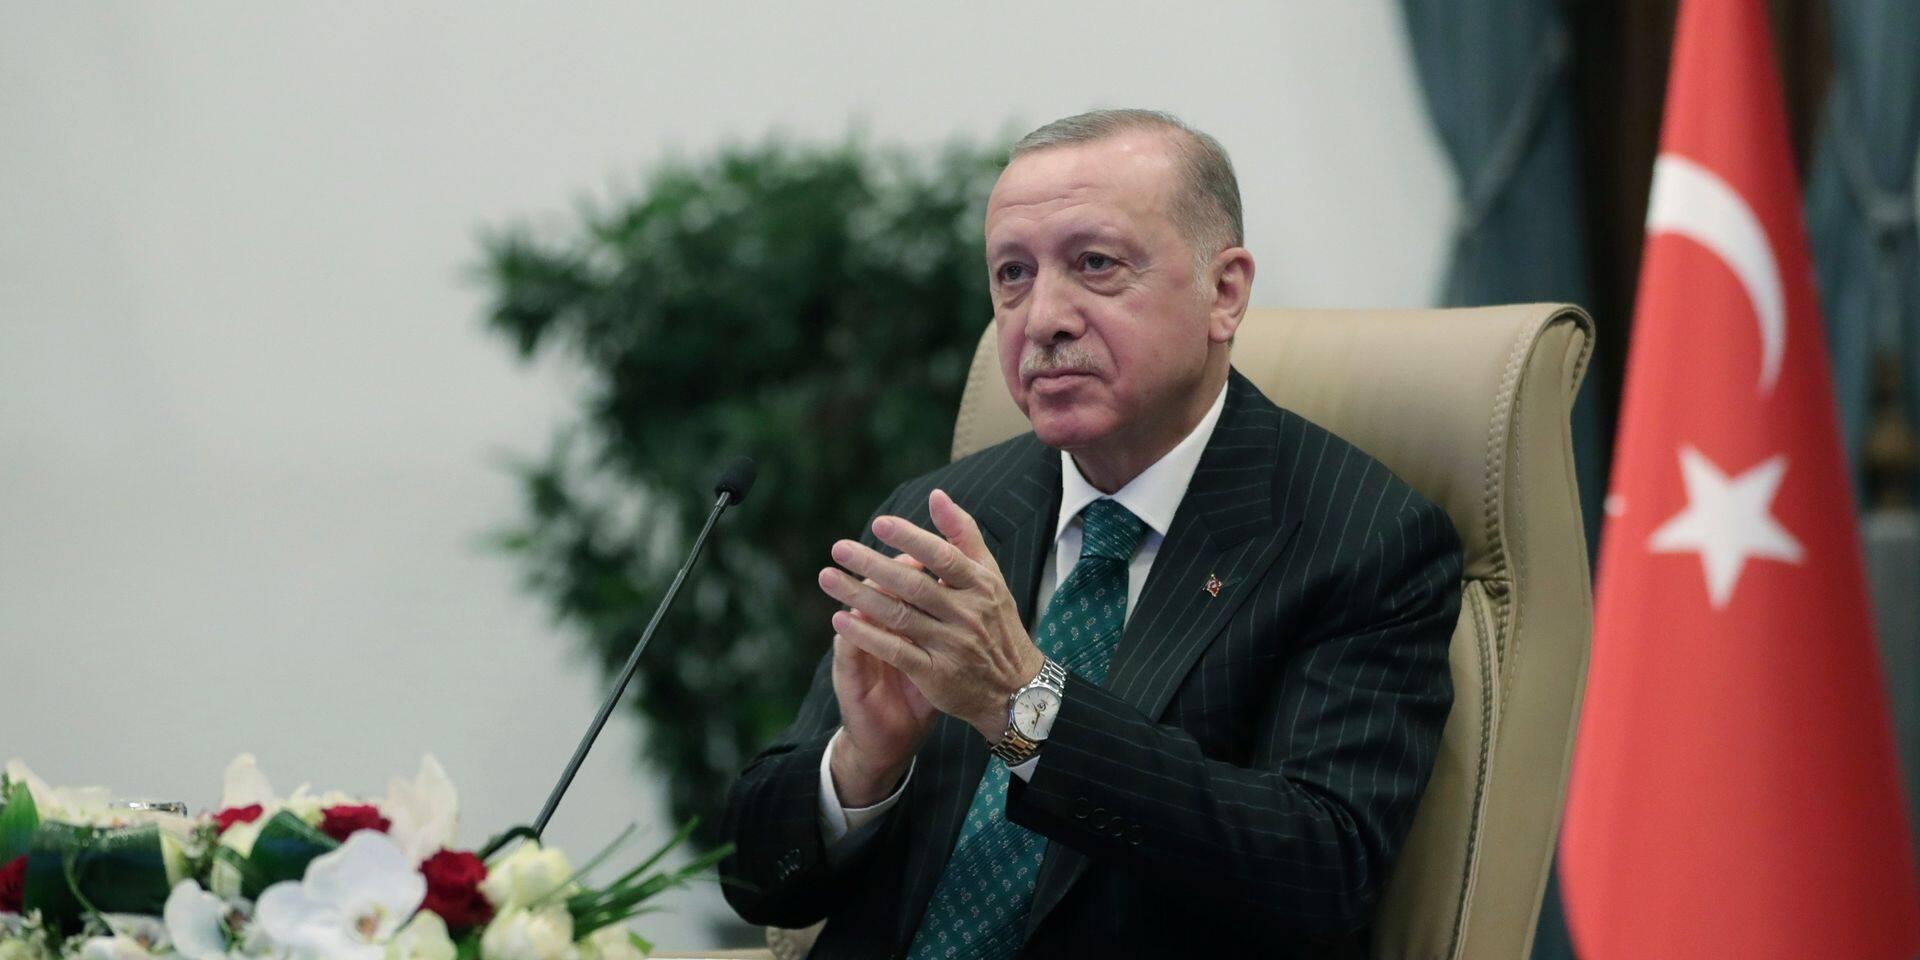 """Entretien vendredi entre Erdogan et les chefs de l'UE : """"La relation avec la Turquie reste difficile"""""""